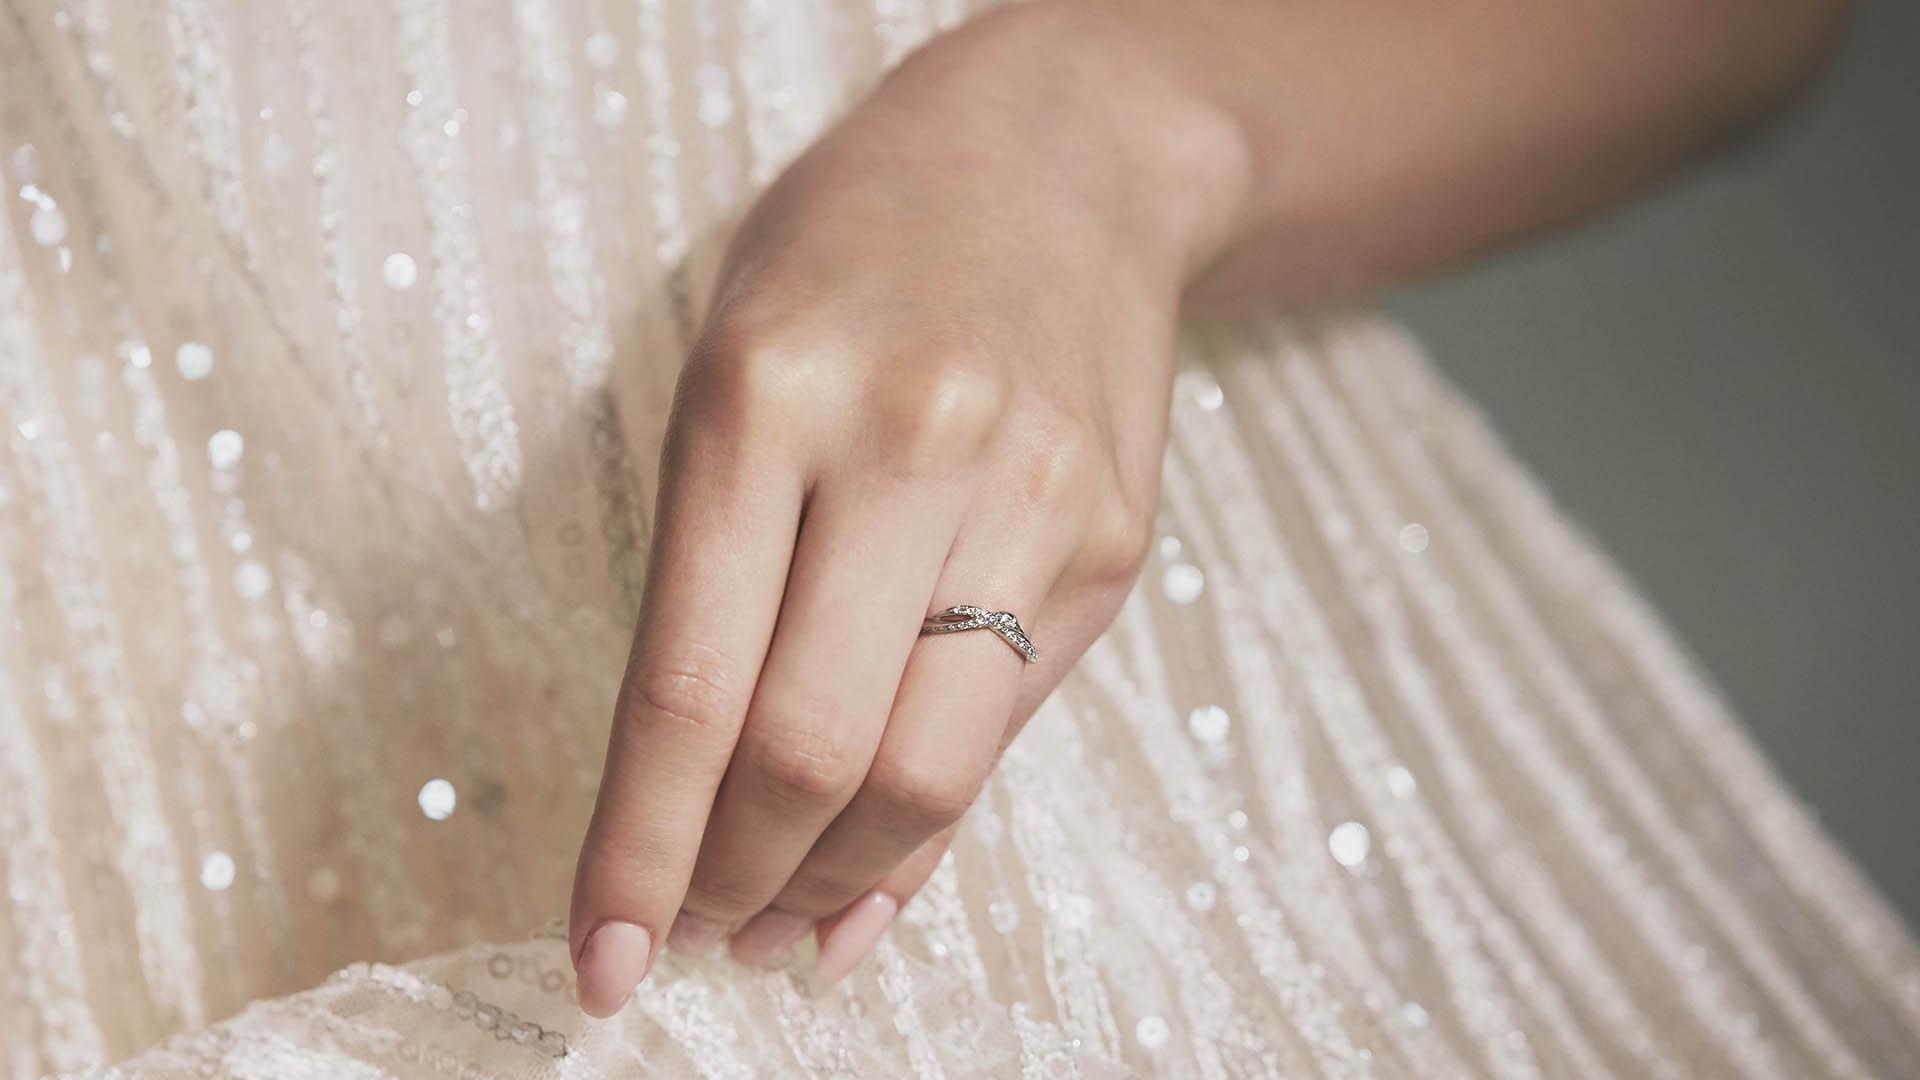 amanogawa 天の川 | 結婚指輪サムネイル 3